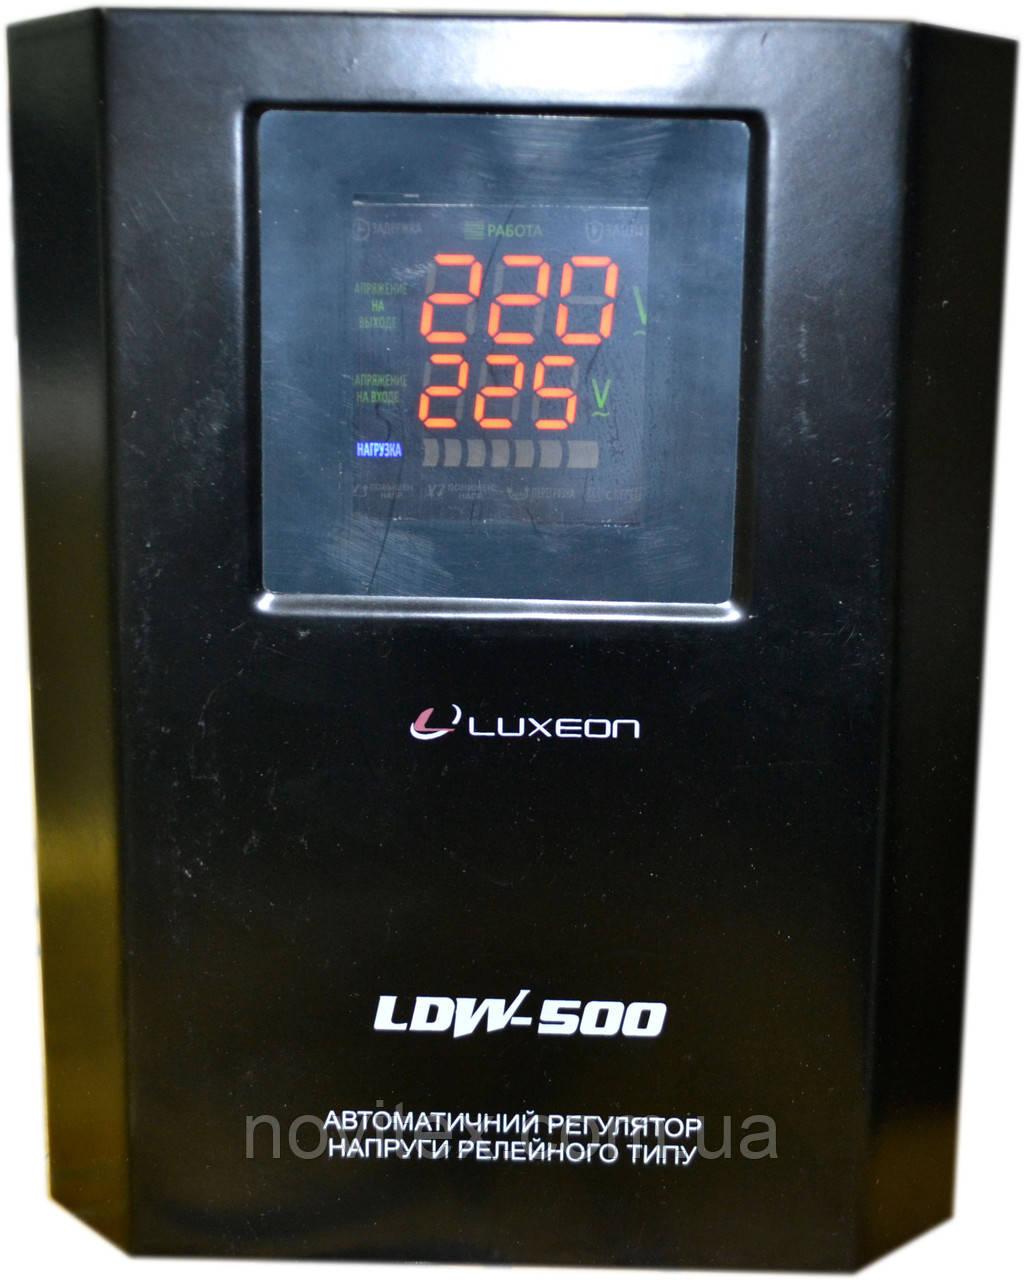 Стабилизатор Luxeon LDW-500VA (300Вт) черный